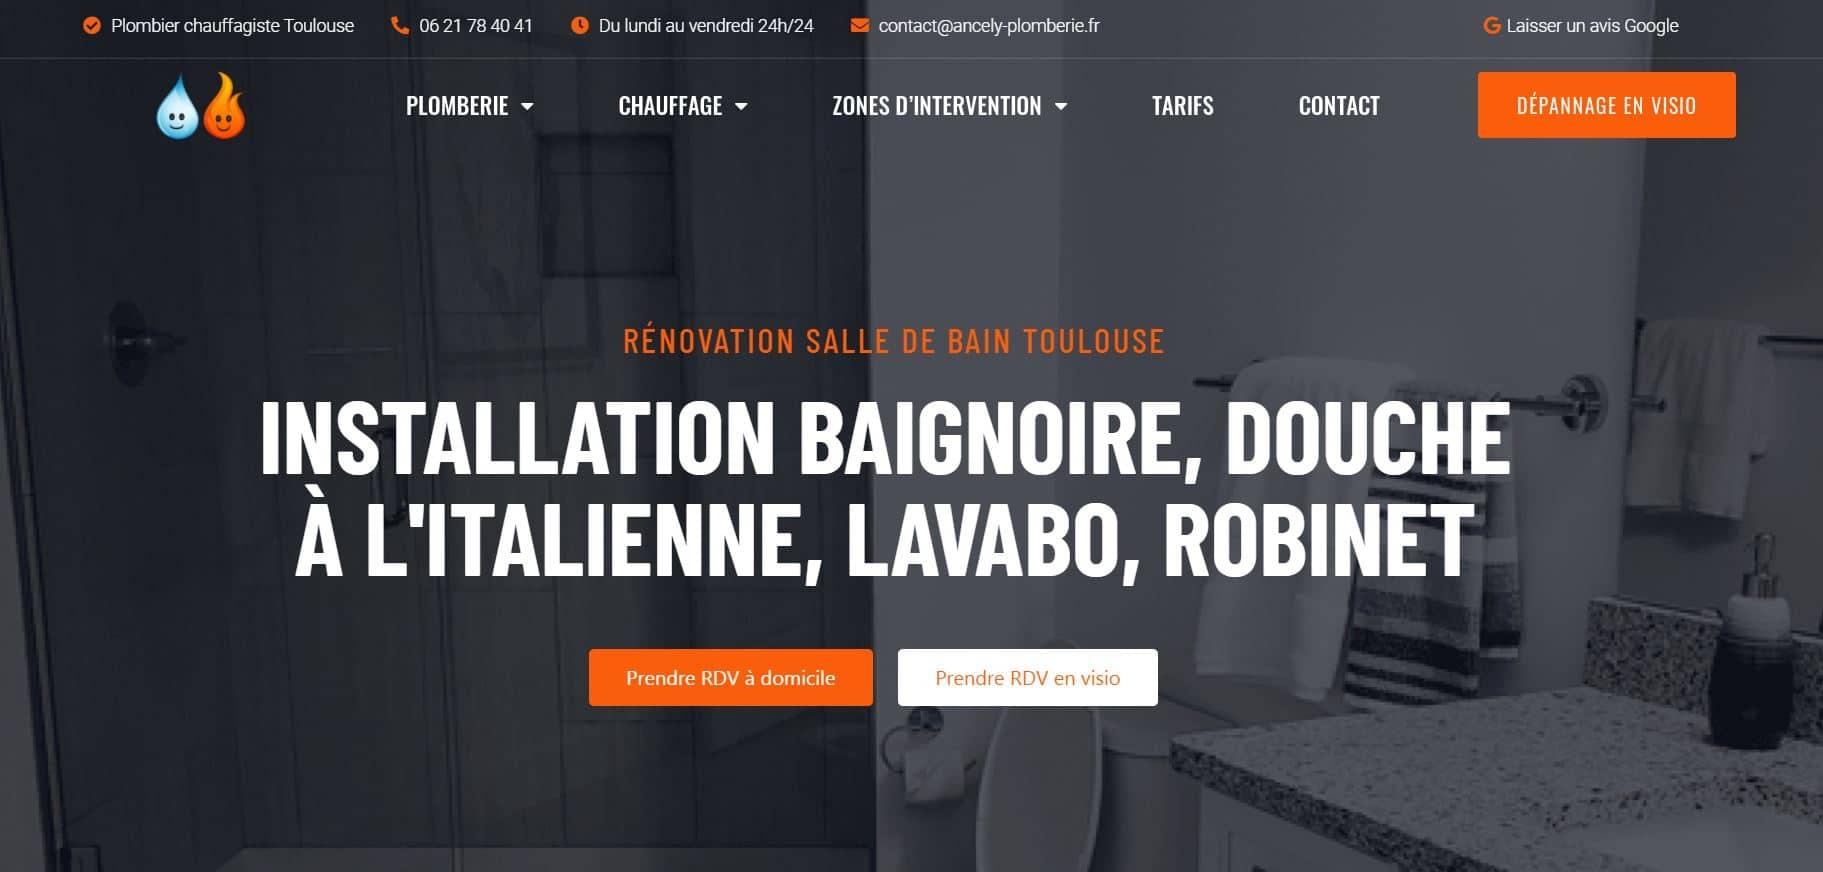 creation site internet plombier toulouse haute garonne occitanie 31000